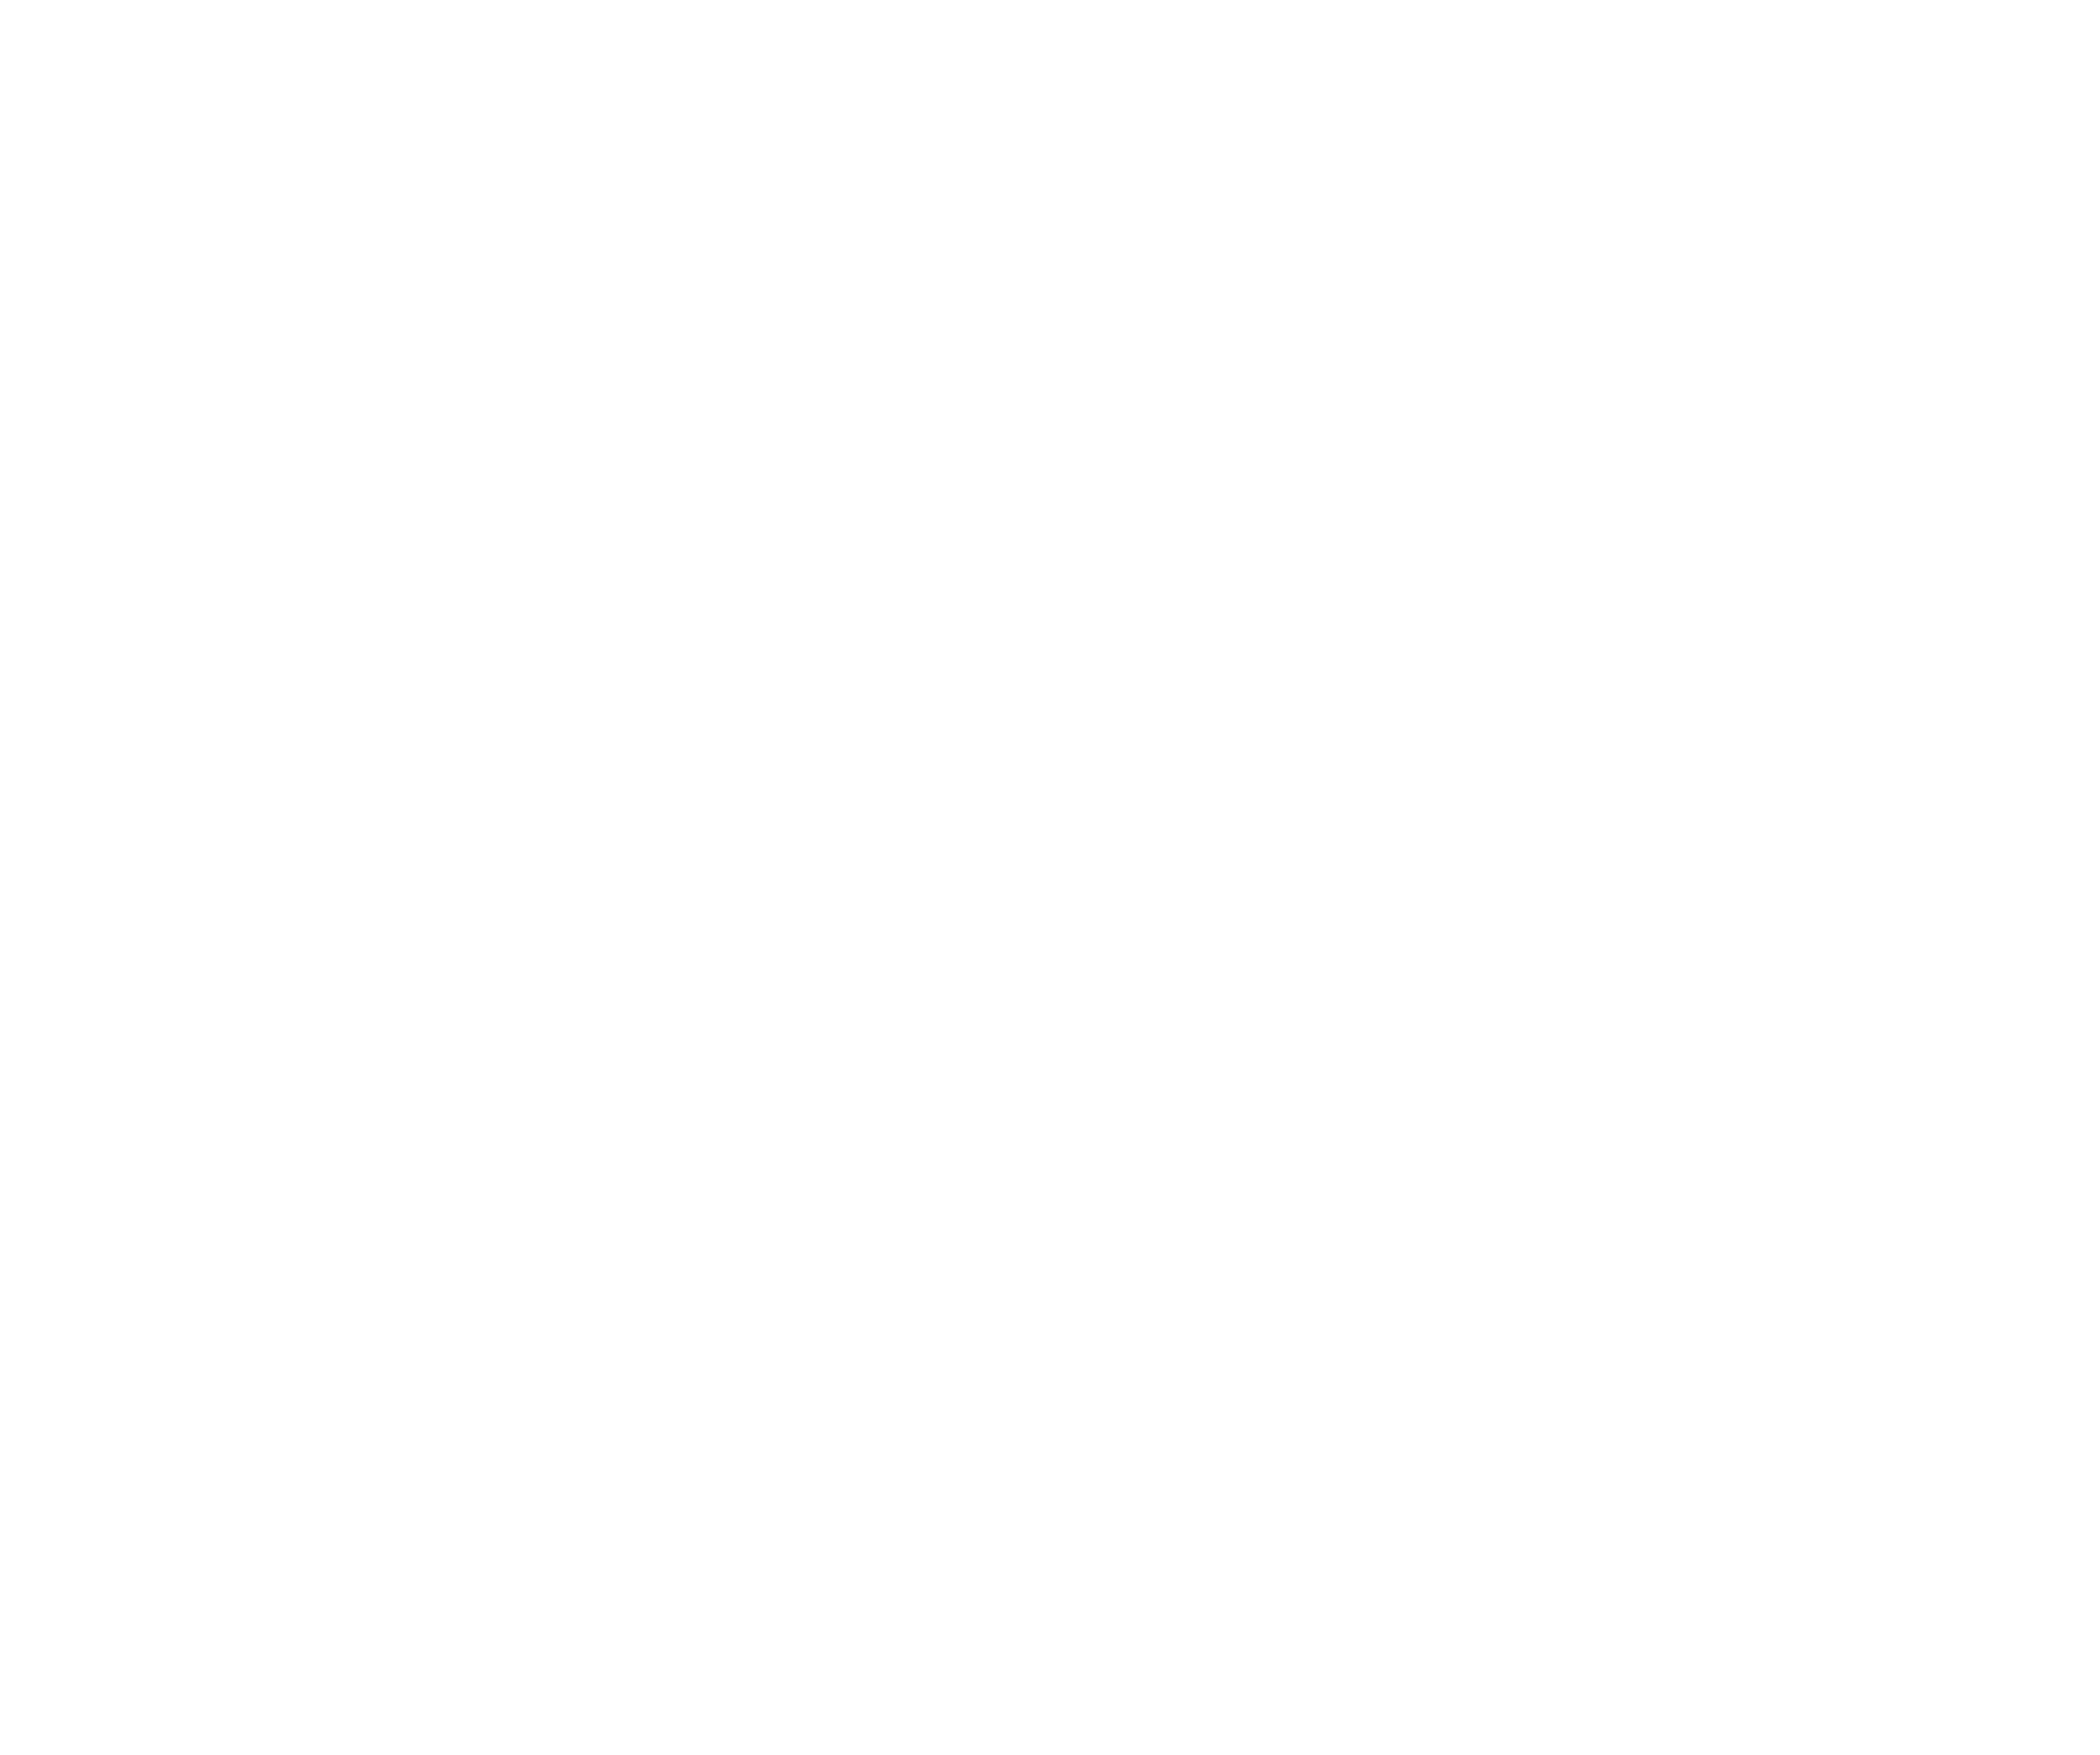 Plakát /malá akce - Od 2 900 KčMalýspolečenský dopadRozměr A5 - A02 návrhyPDF formát